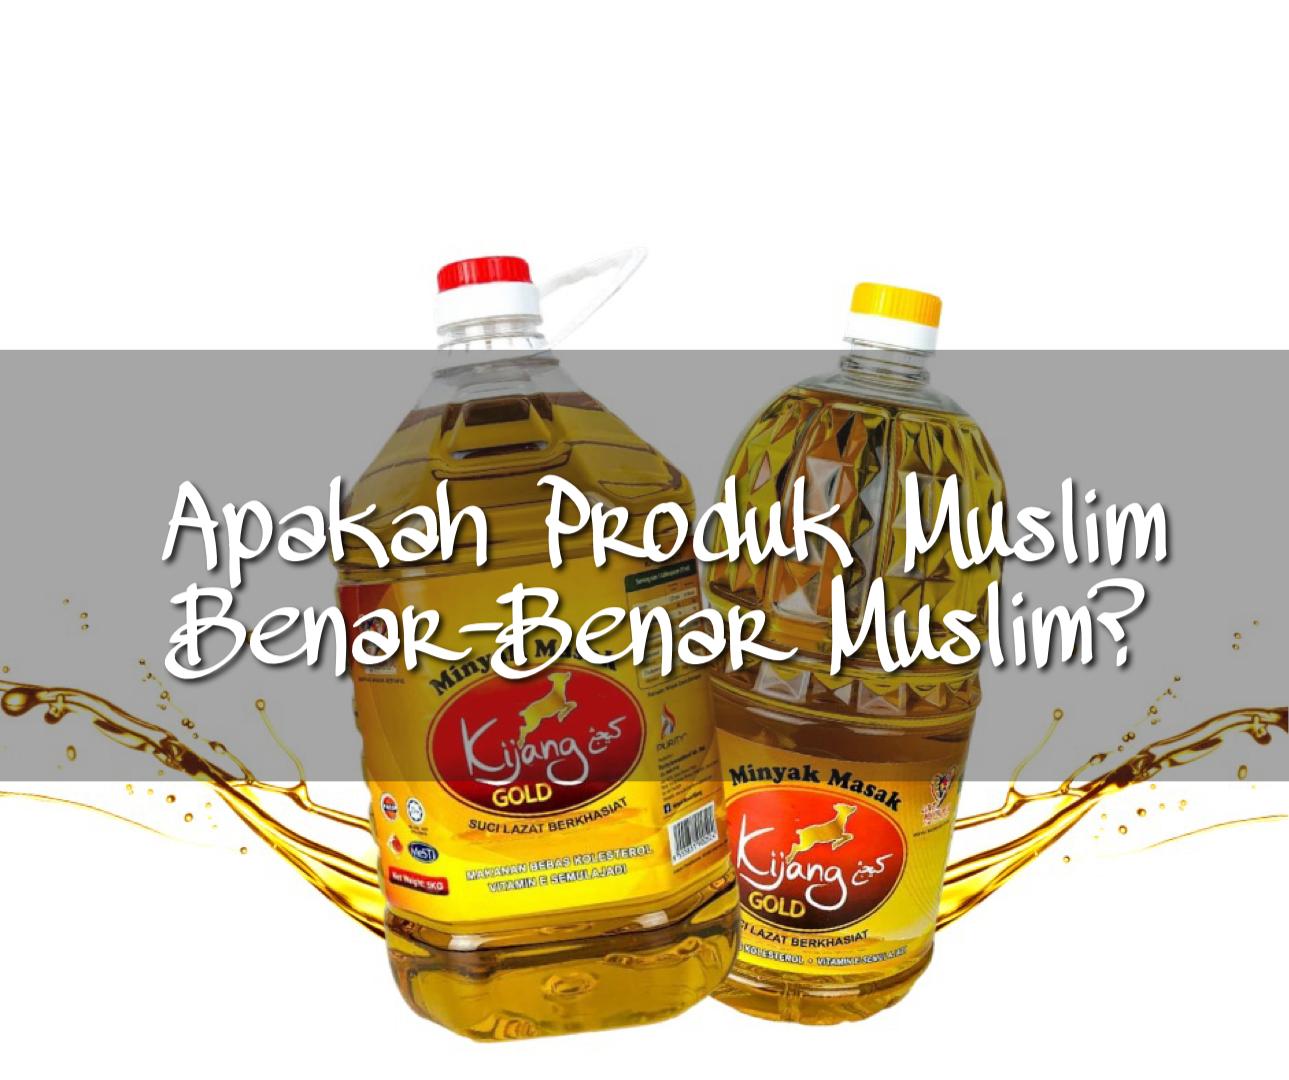 muslim,Cooking,foodstagram,minyak sawit,kelantan,malaysia,food,foodporn,Minyak masak Kijang Gold,oil,eats,healthy,healthy food,Foodie,halal,bmf,viral,Vitamine,palm oil,